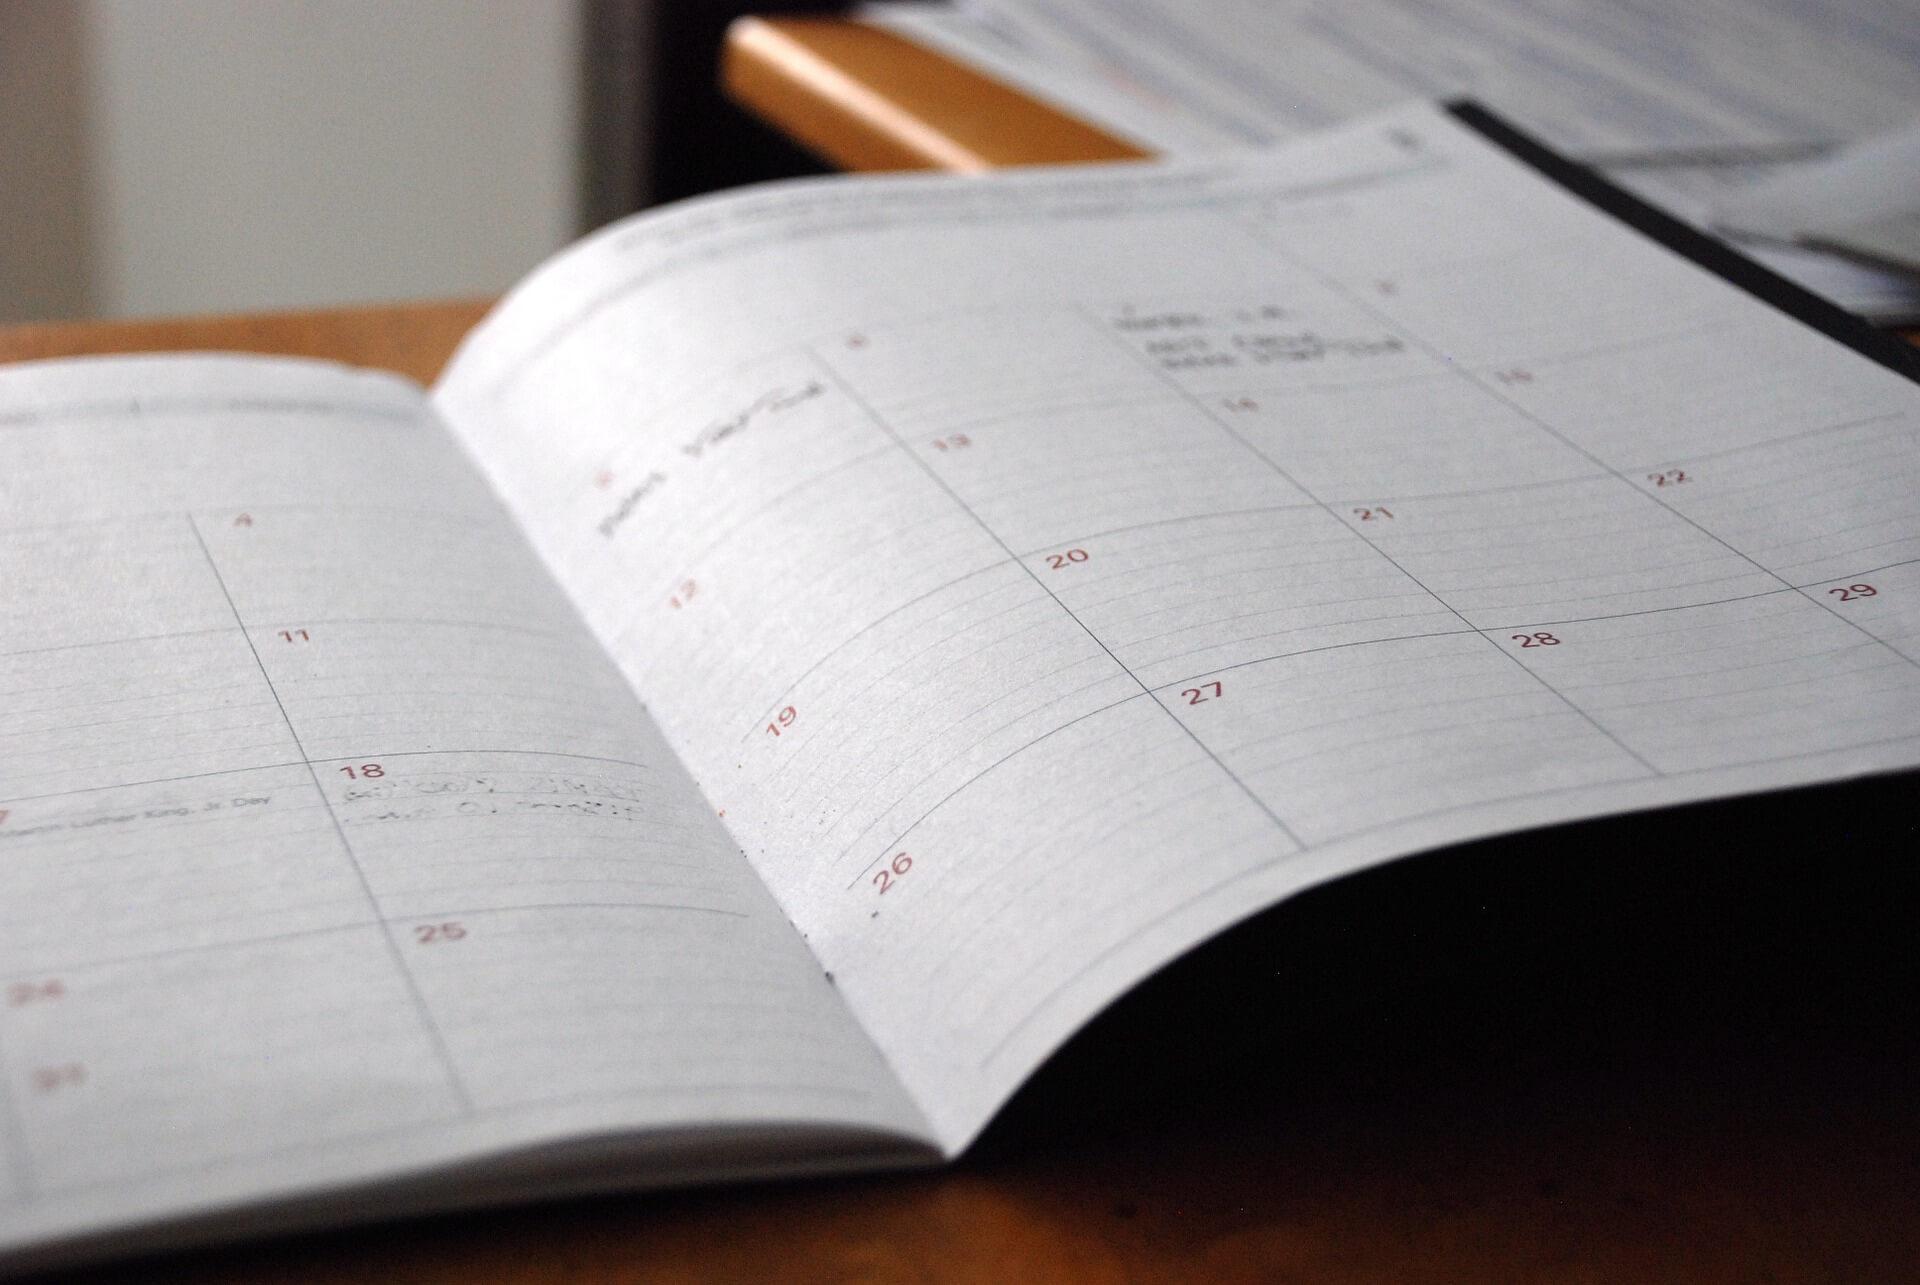 Lên lịch đăng bài giúp blog giữ được độ cập nhật và lượng traffic ổn định